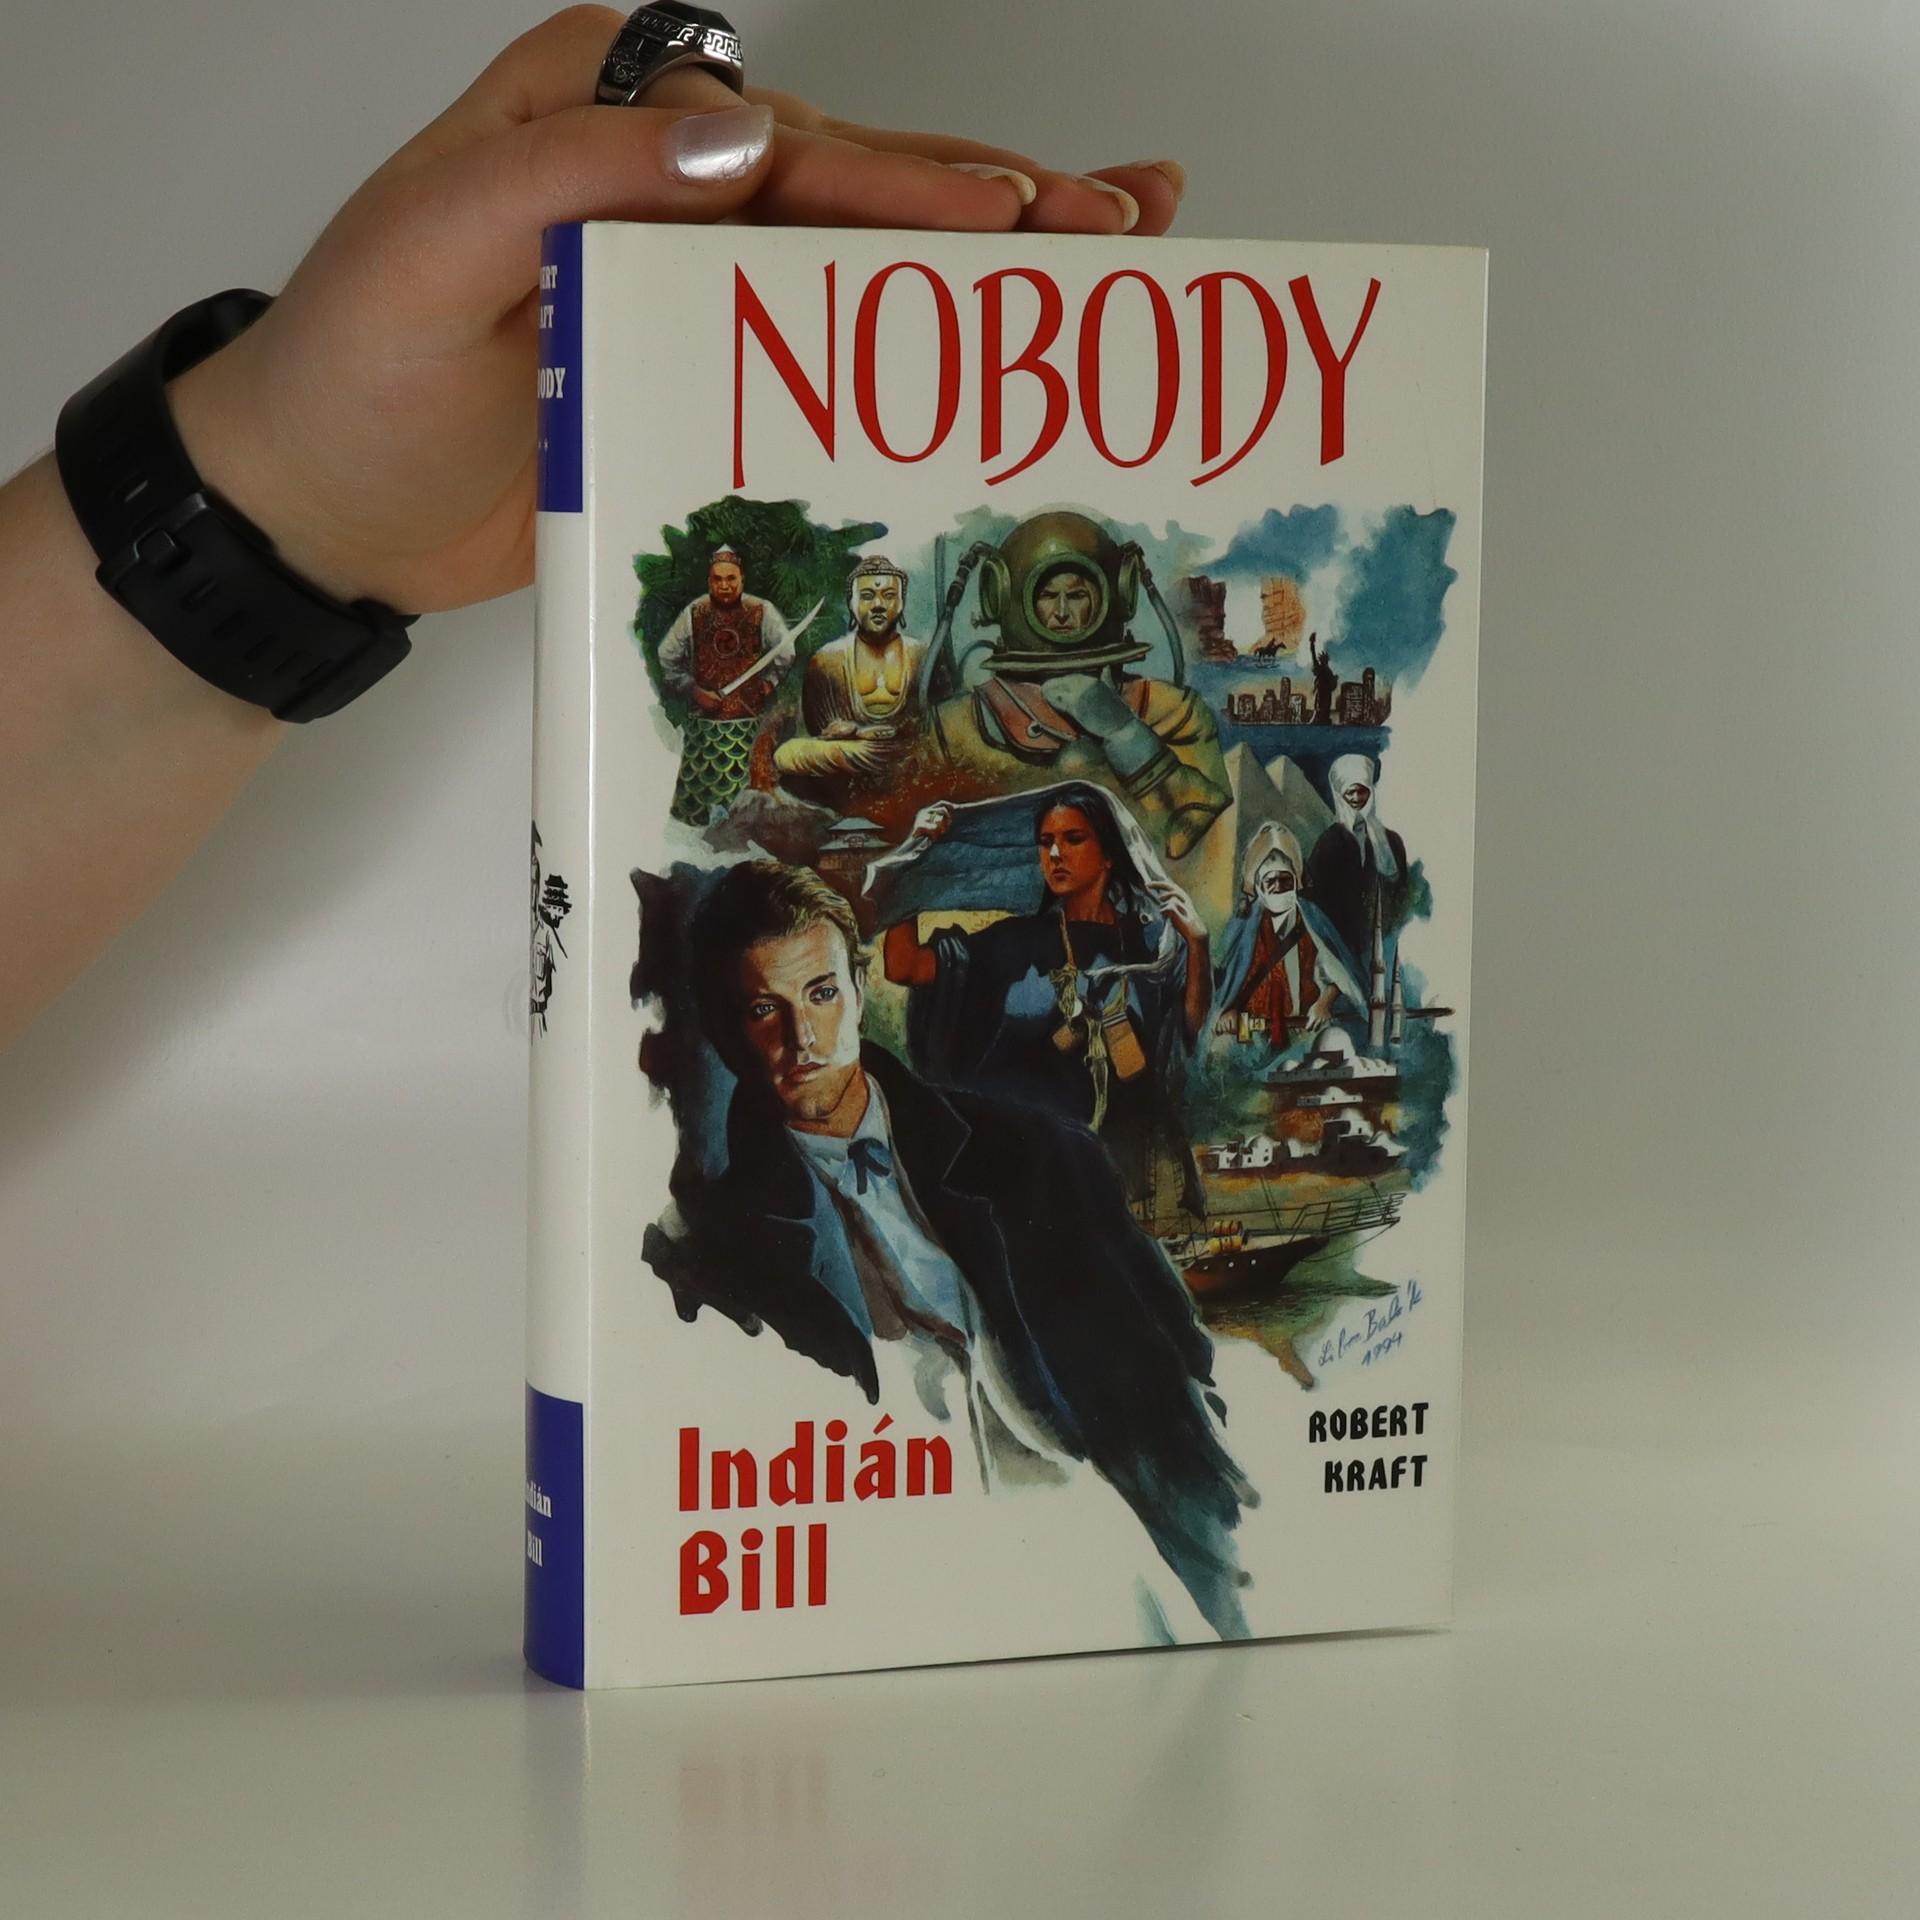 antikvární kniha Nobody. Indián Bill, 1994